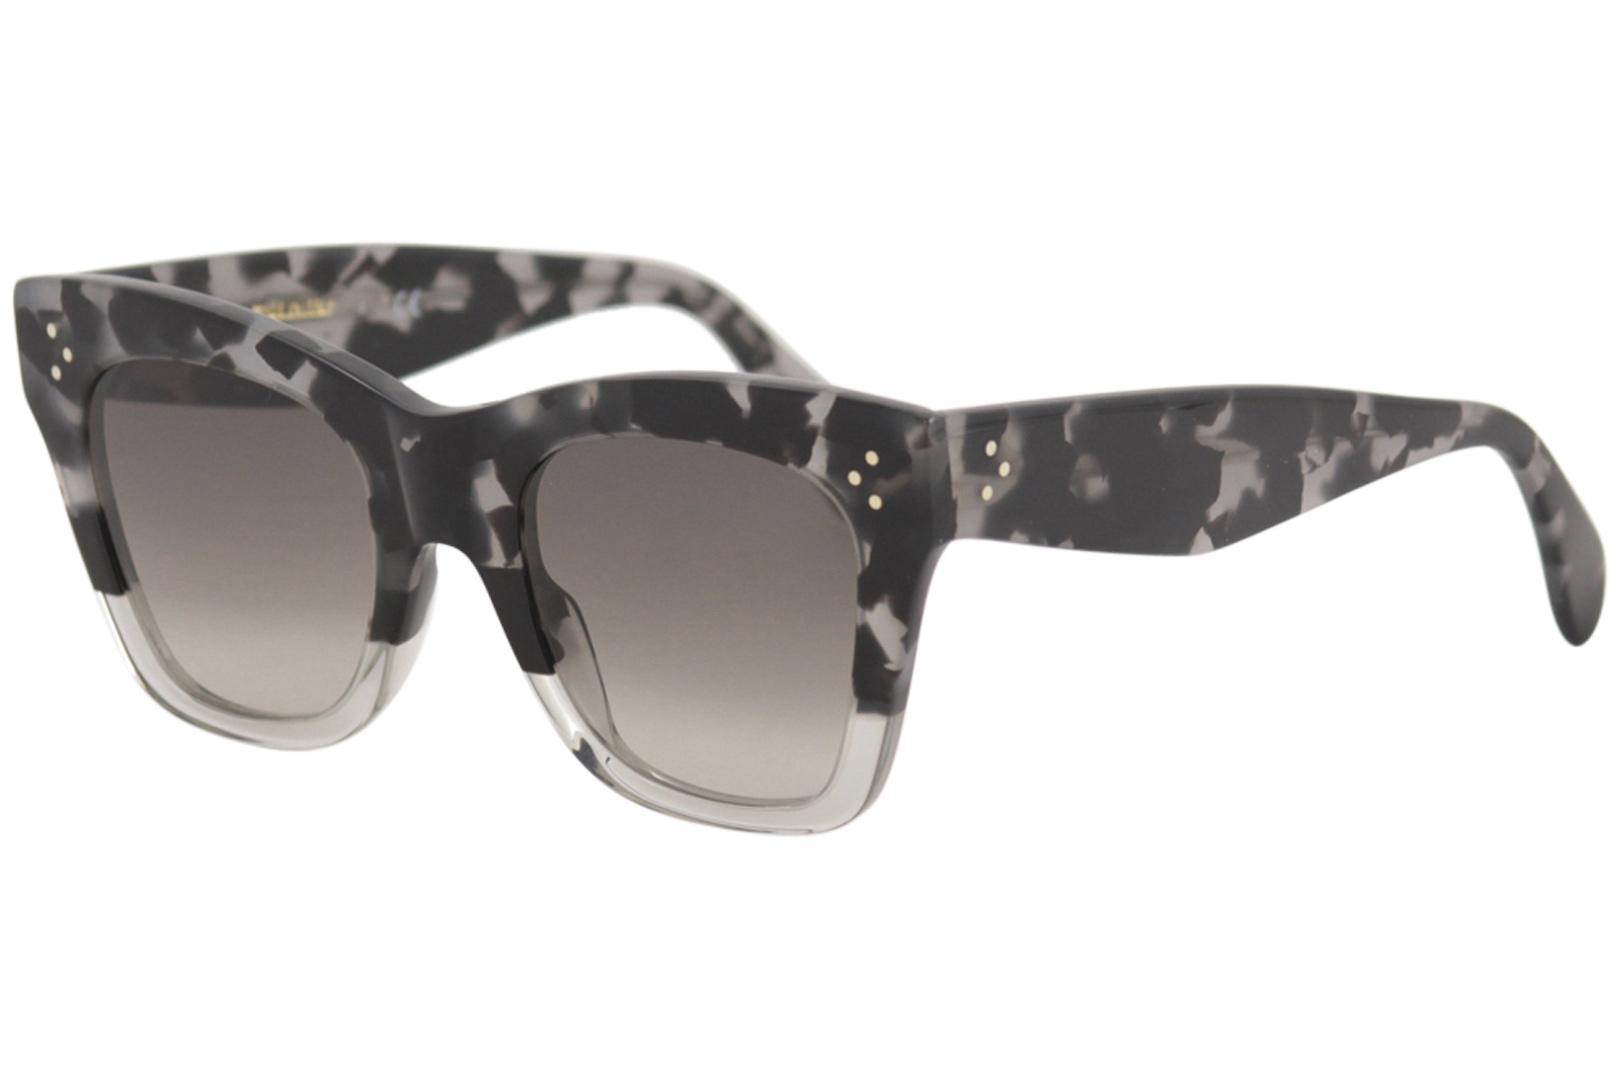 2e13e37d4396 Celine Women s CL40004L CL 40004 L Fashion Square Sunglasses